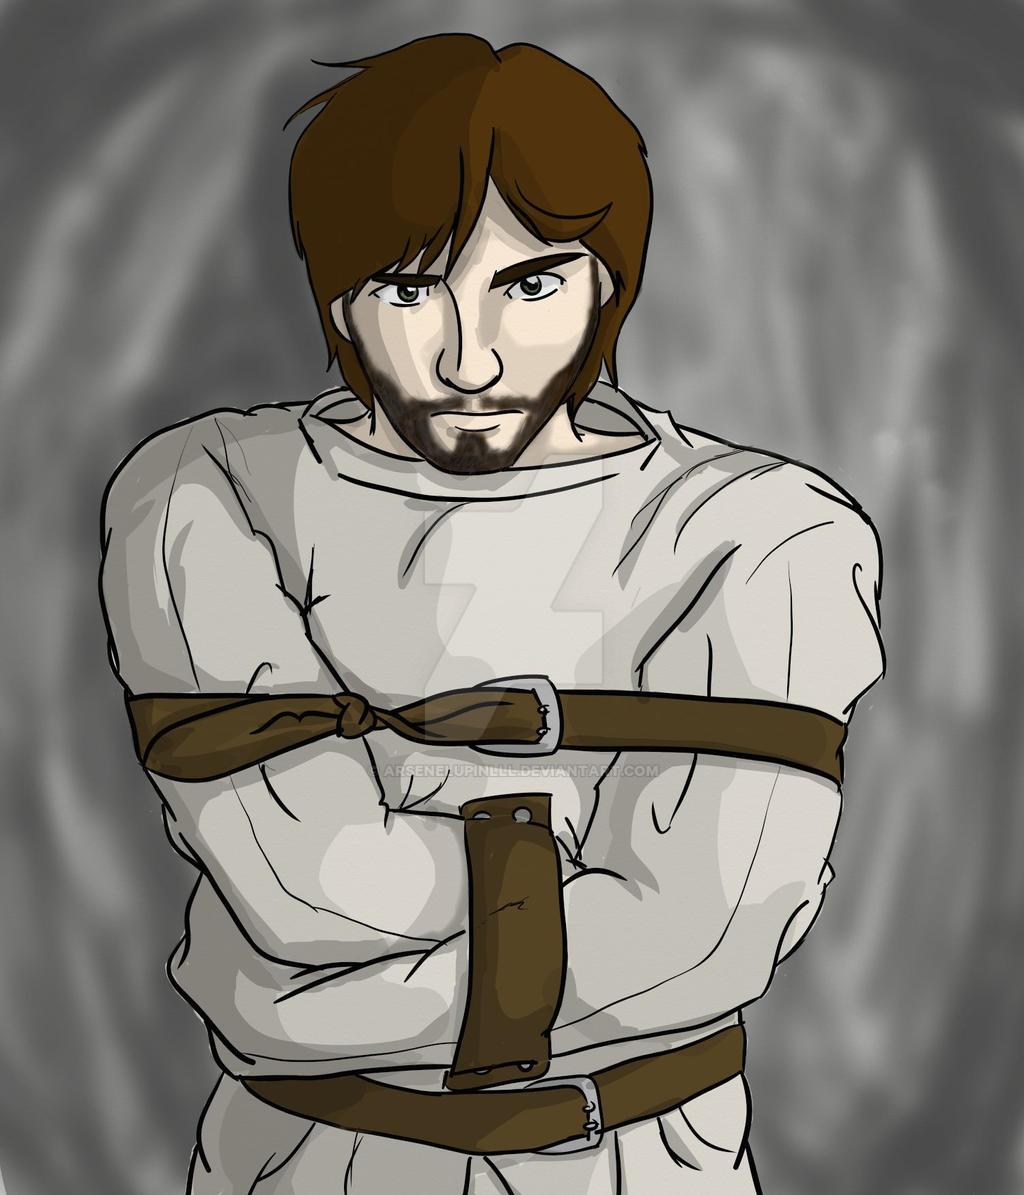 Edward - Riddler Straight Jacket by ArseneLupinlll on DeviantArt